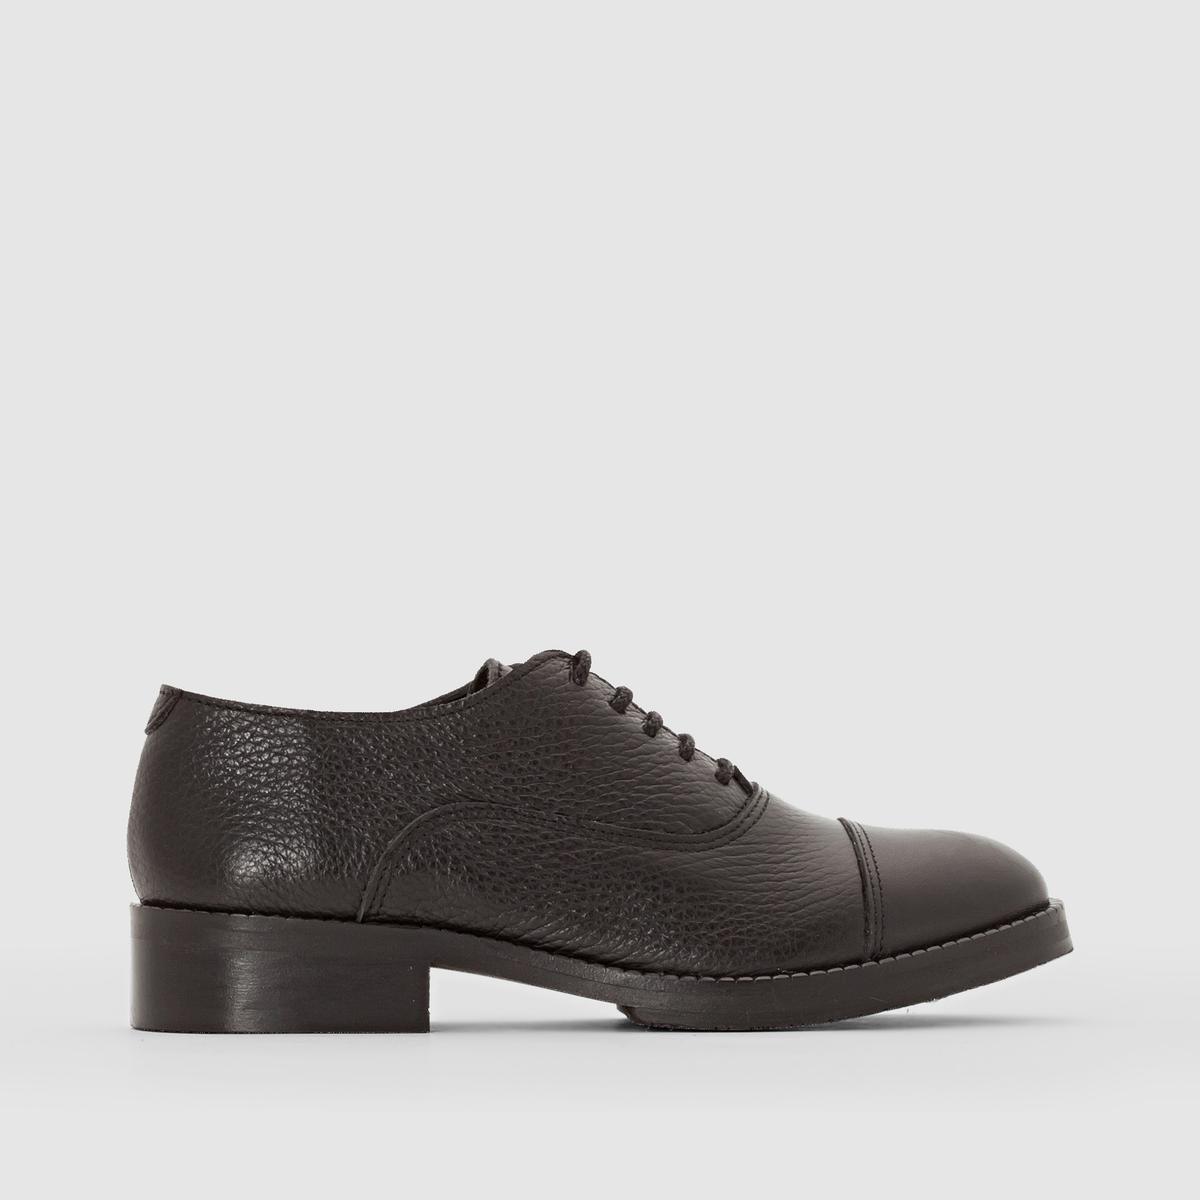 Ботинки-дерби блестящие GEMMAВерх/Голенище : кожа                Подкладка : кожа          Стелька  : кожа          Подошва : Каучук.   Форма каблука : плоский каблук         Мысок : закругленный          Застежка : Шнуровка         Преимущества : Марка детской обуви от фирмы JONAK<br><br>Цвет: черный<br>Размер: 36.33